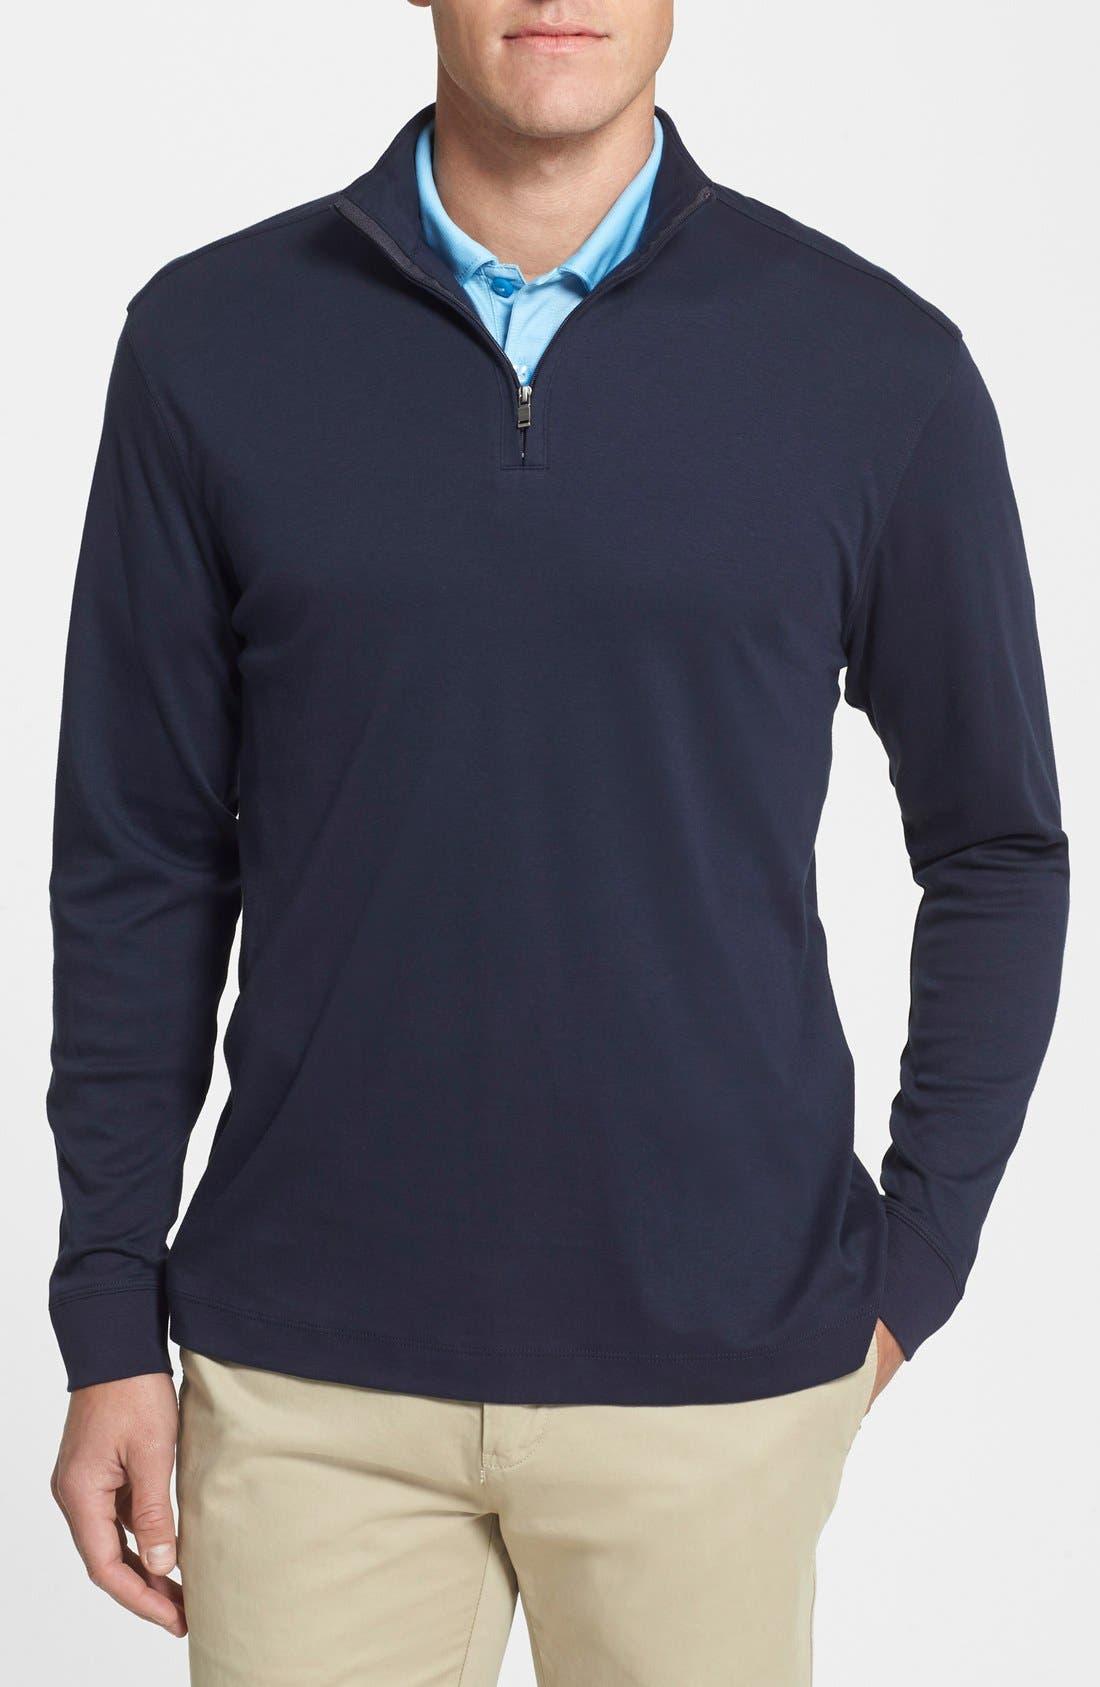 Main Image - Cutter & Buck Belfair Quarter Zip Pullover